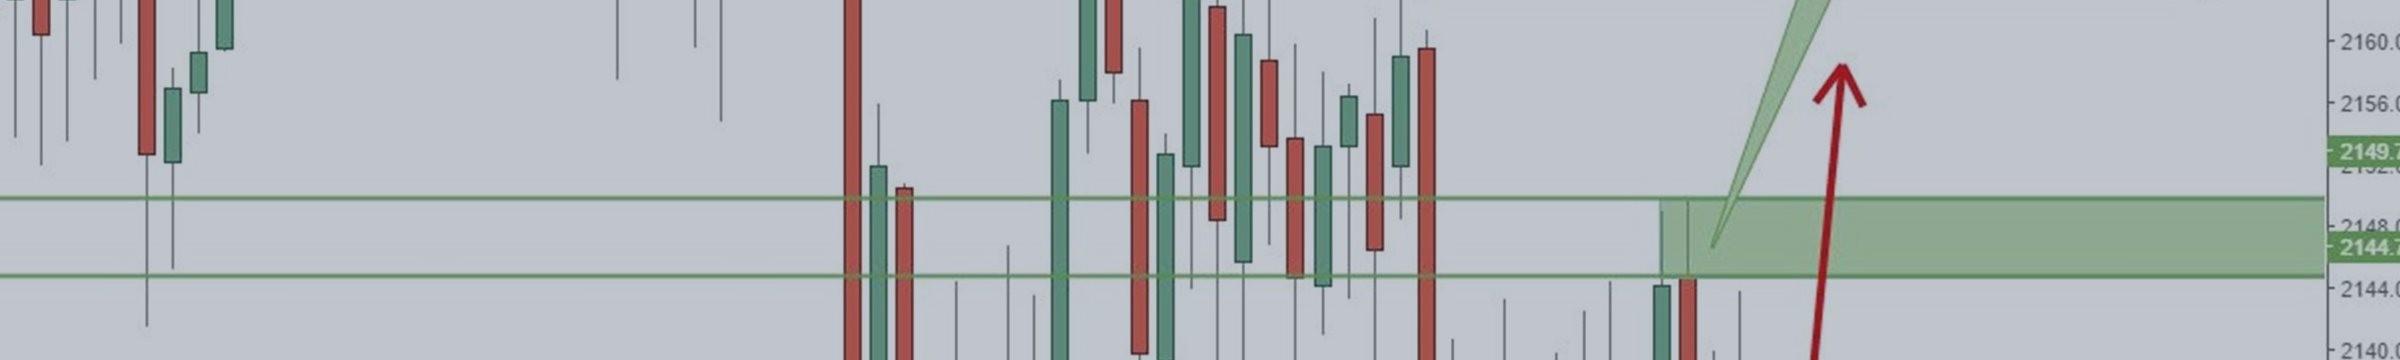 Анализ отчетов СОТ и обзор рынка на 31 октября — 4 ноября (S&P500)